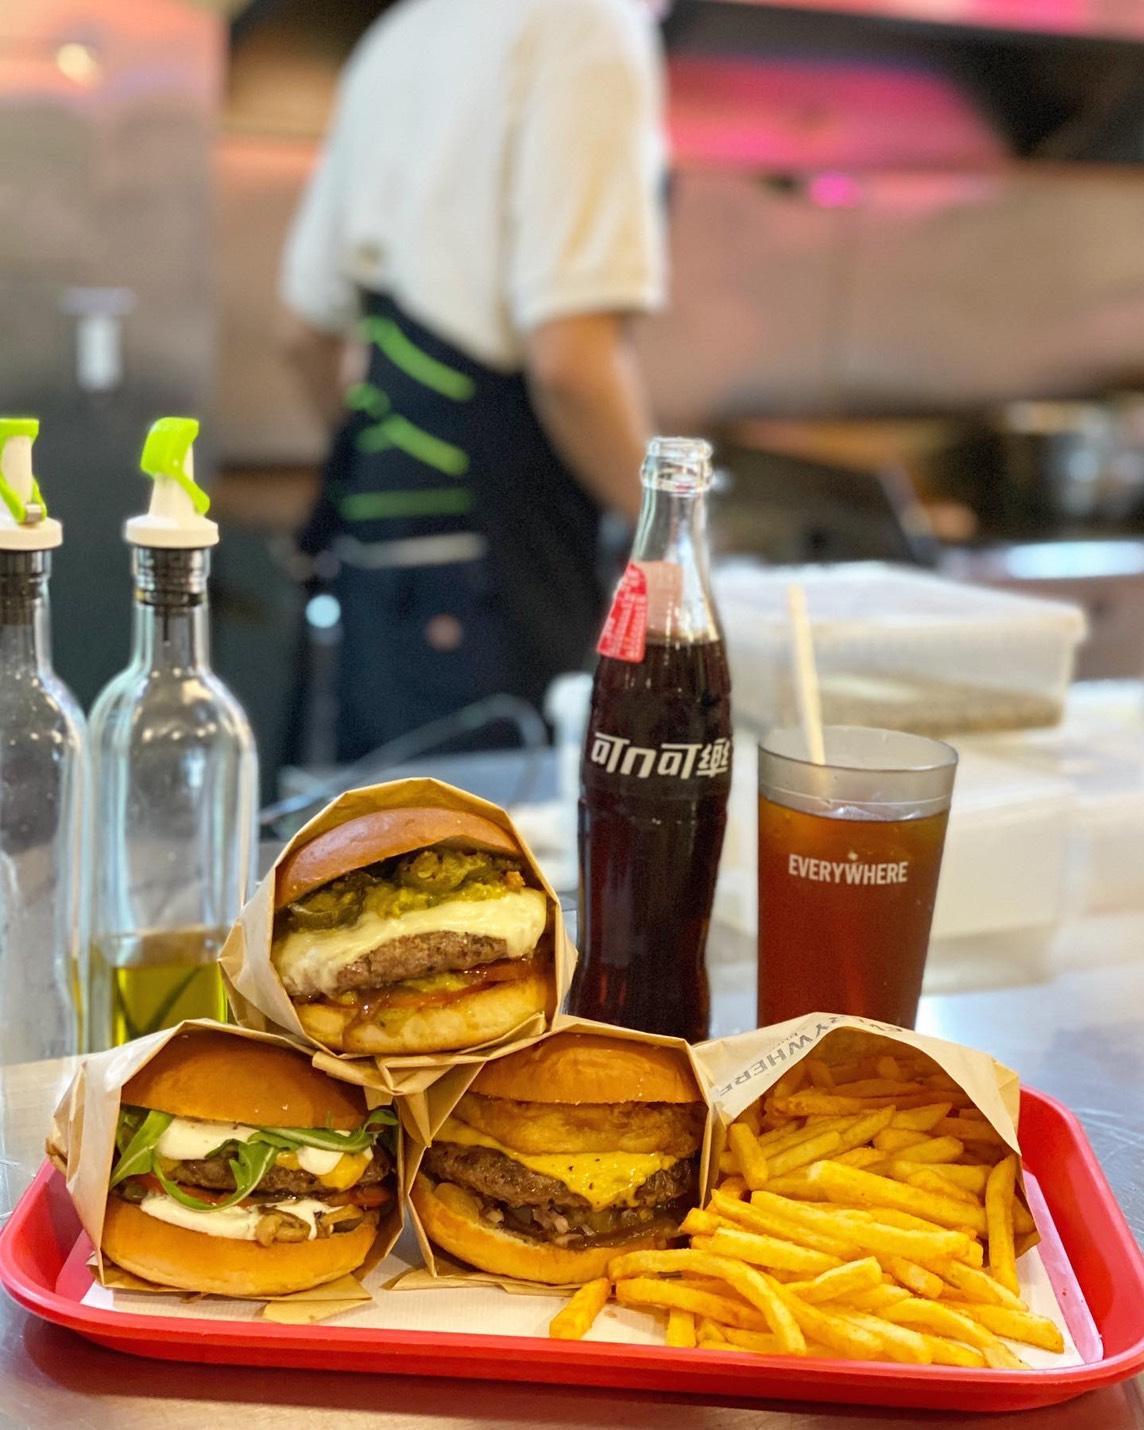 酥炸墨西哥辣椒莎莎(上) 、烤大蒜酸奶野菇(左)、熱帶炸鳳梨莎莎(右)